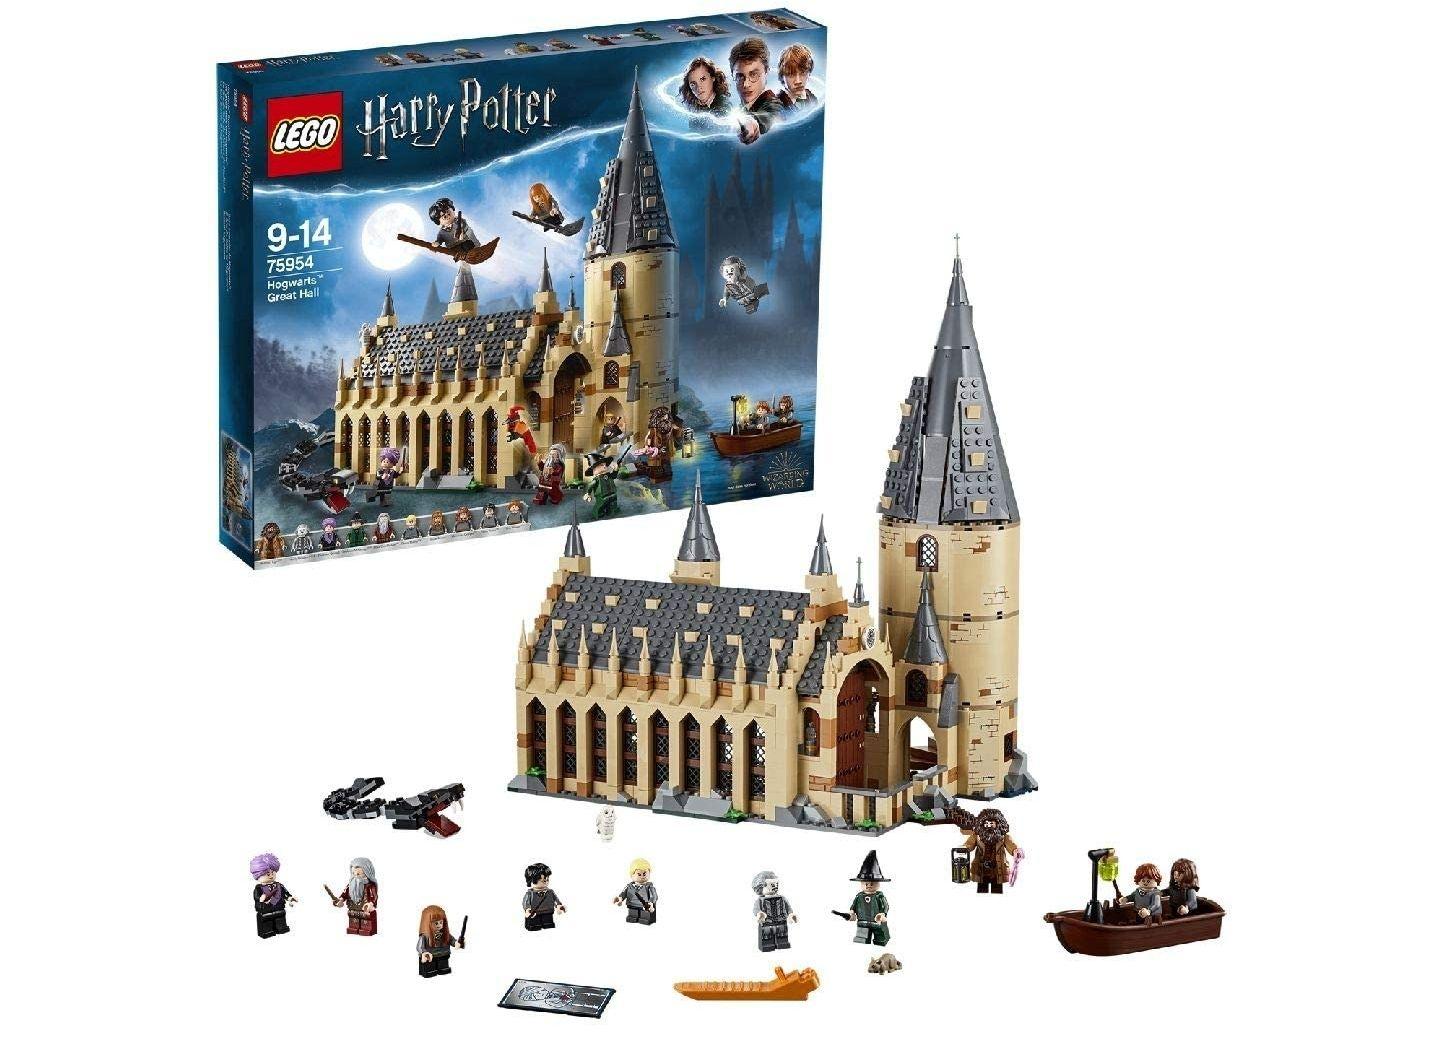 LEGO 75954 Harry Potter Die große Halle von Hogwarts (Saturn 19% MwSt. Geschenkt)